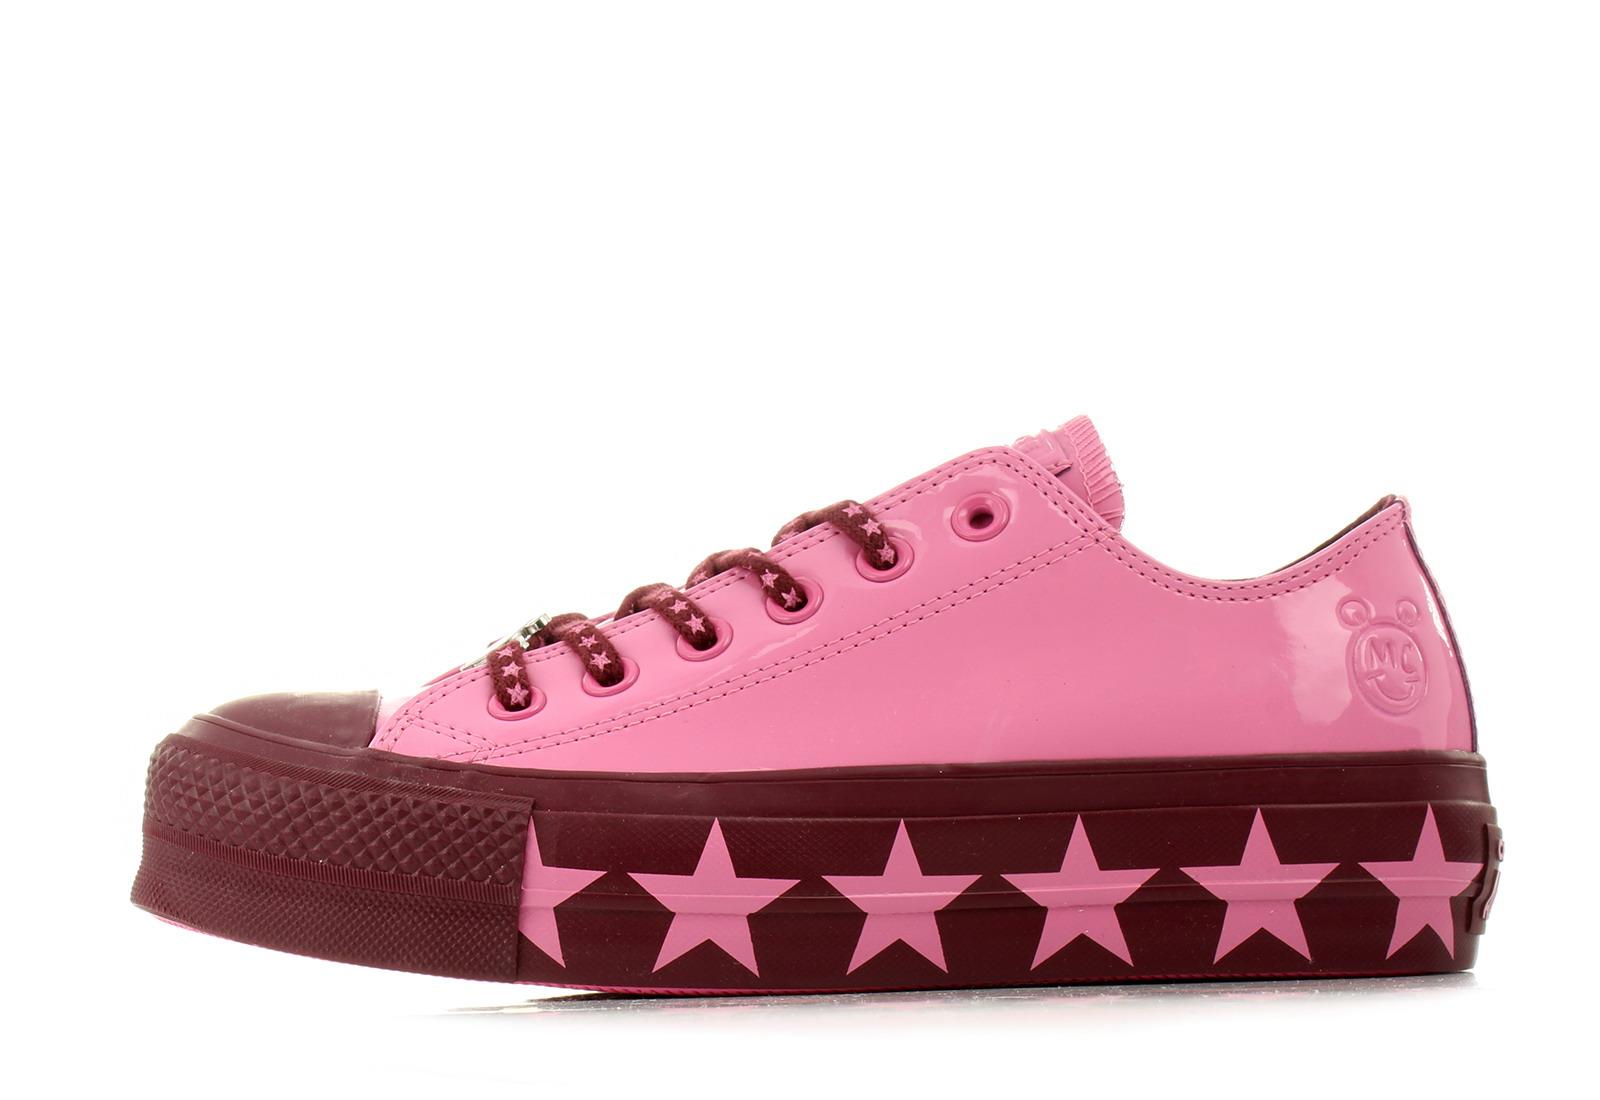 Converse Nízké Boty - Chuck Taylor All Star Miley Cyrus Lift ... a1e06f63c93